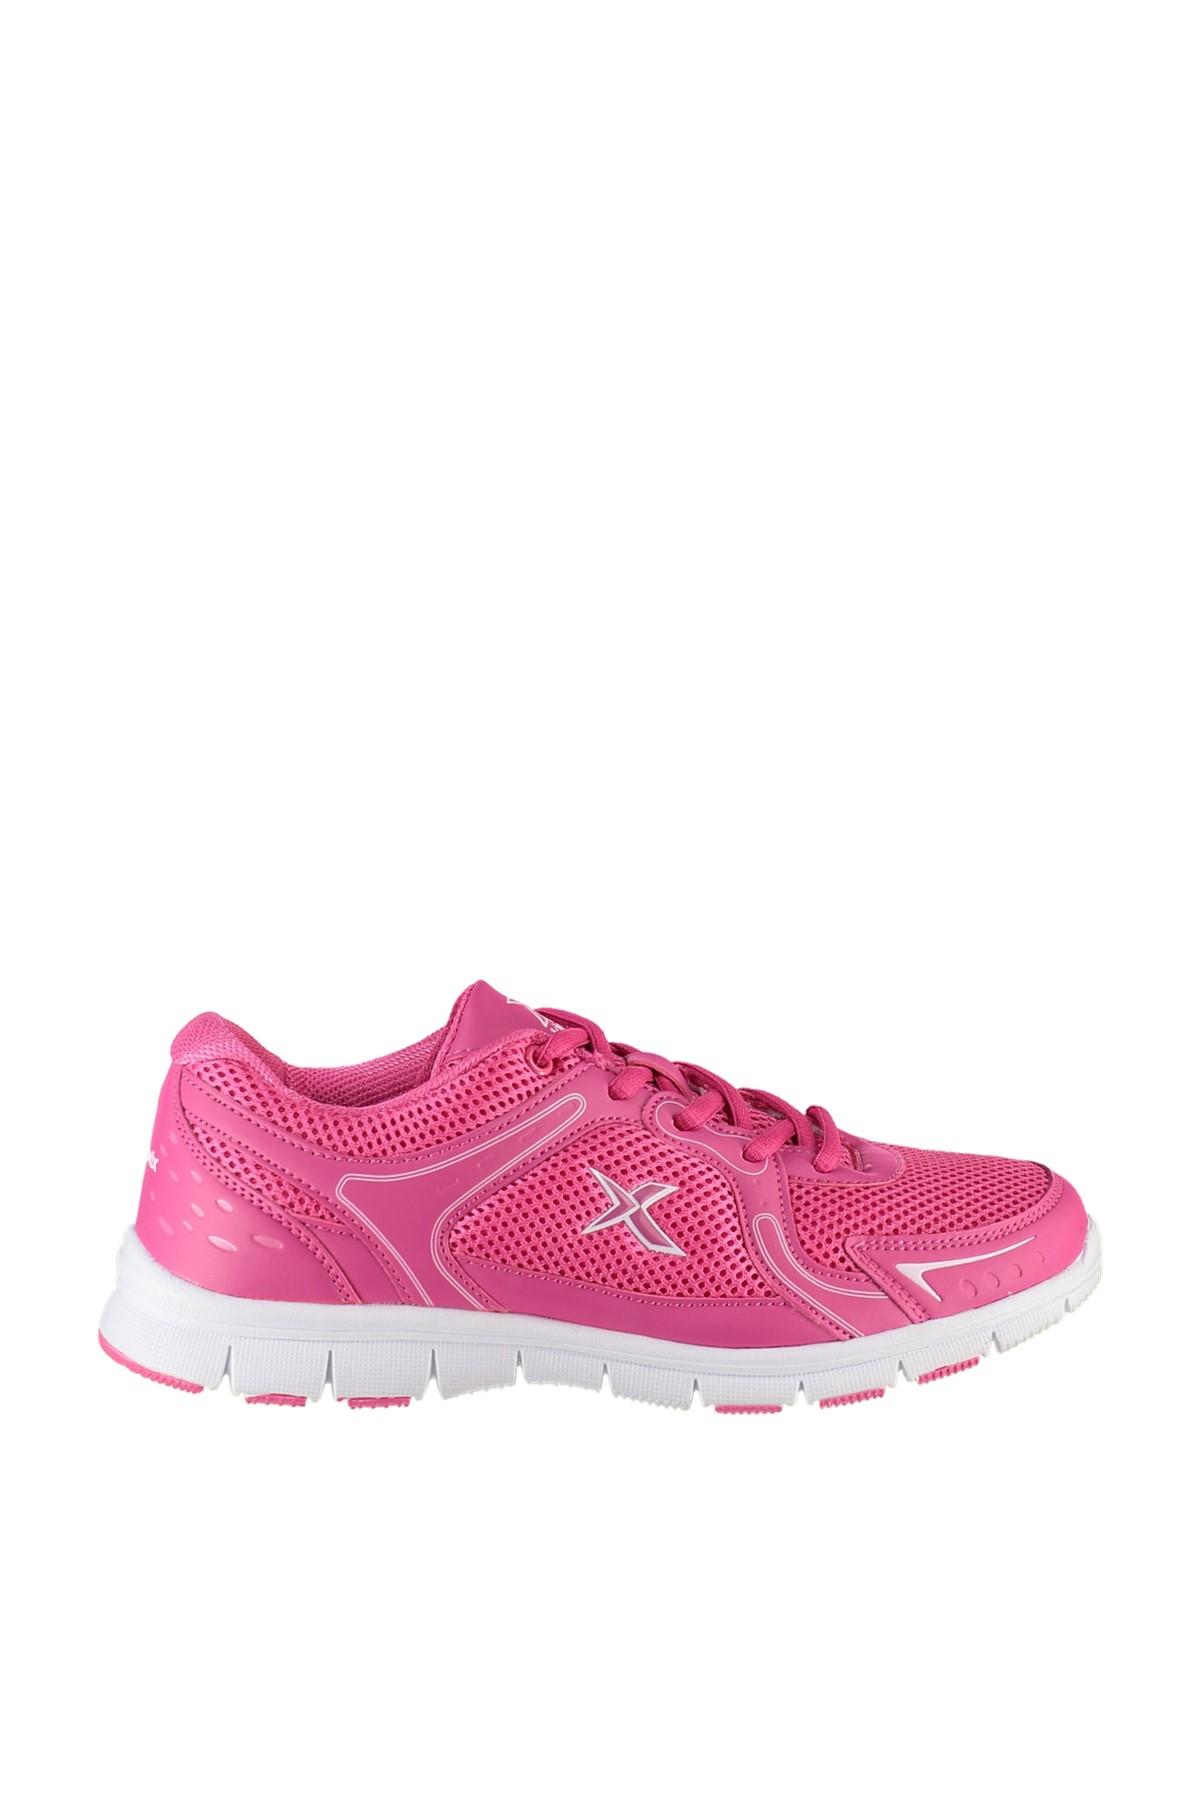 Kinetix 1235577 Fuşya Beyaz Kadın Koşu Ayakkabısı 100163188 1